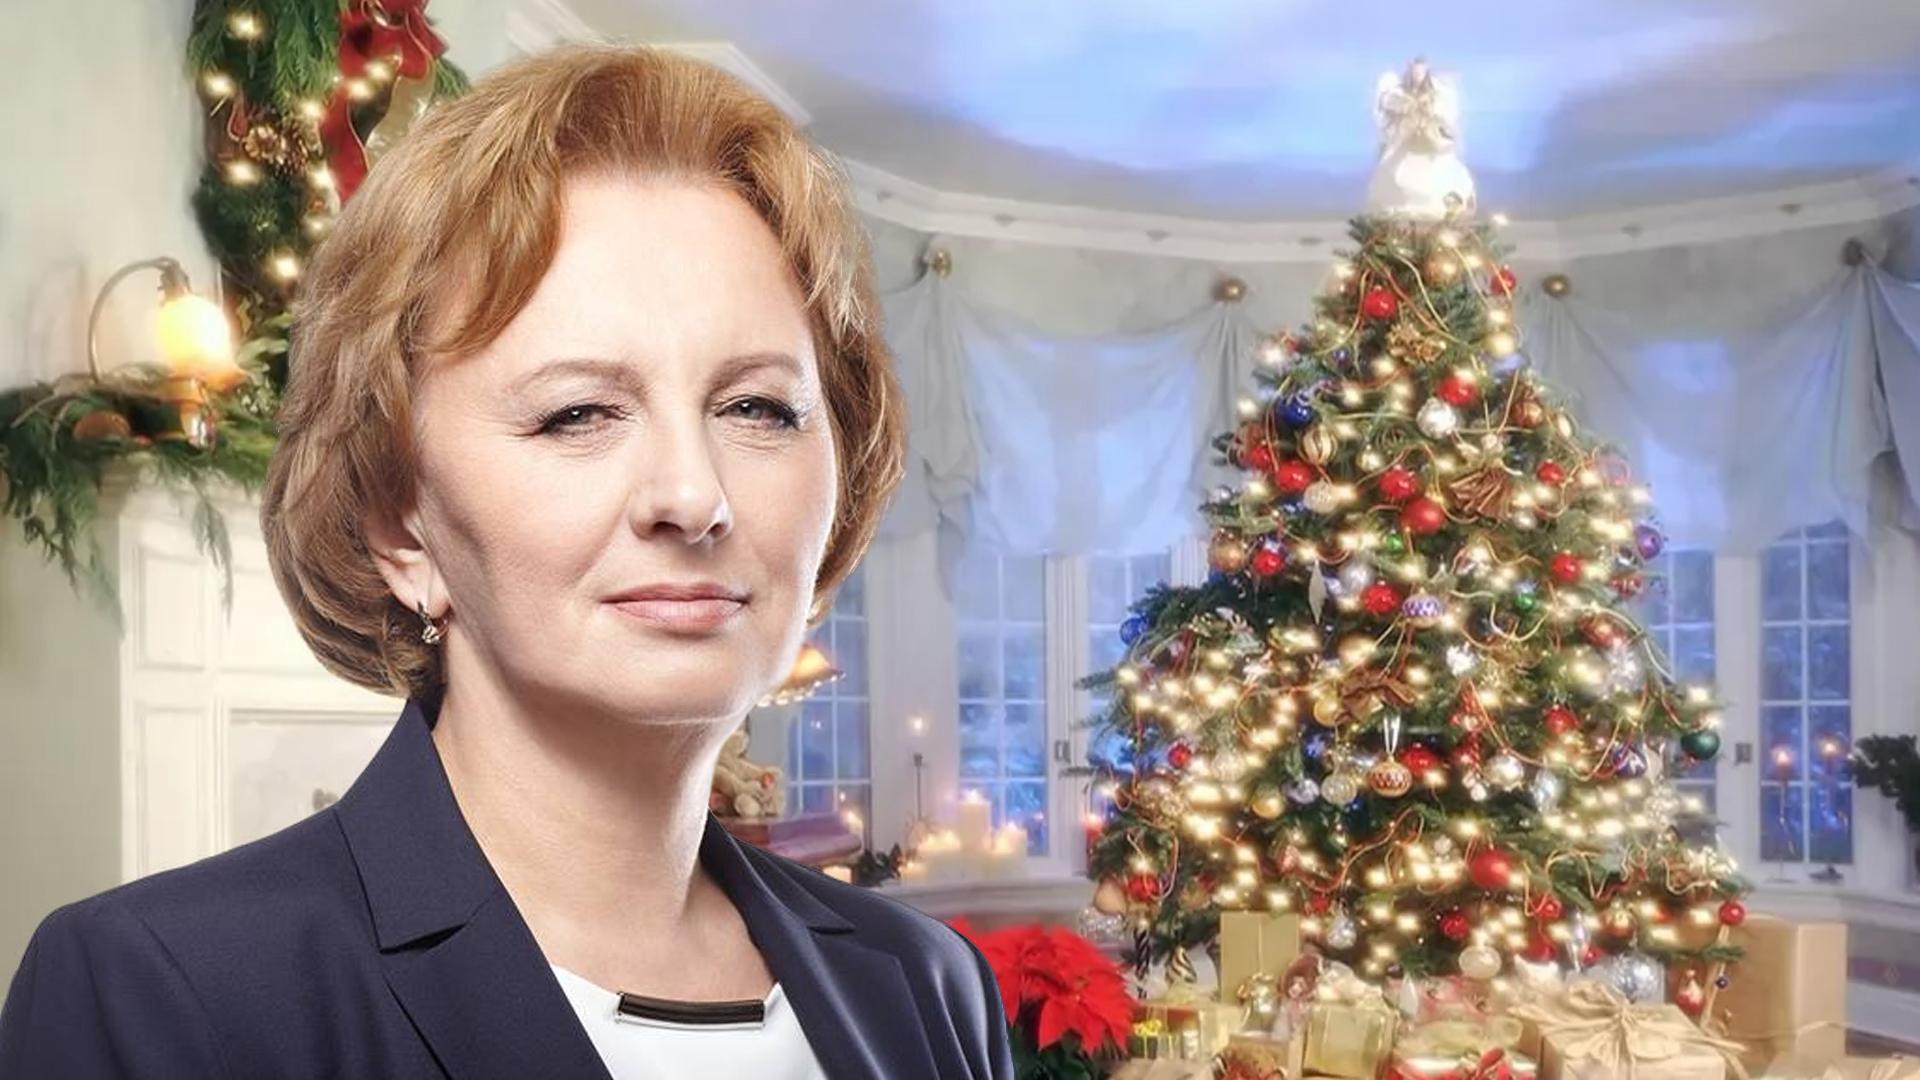 Un grup de profesori din nordul țării refuză să meargă la inaugurarea pomului de Crăciun, unde va fi Zinaida Greceanîi